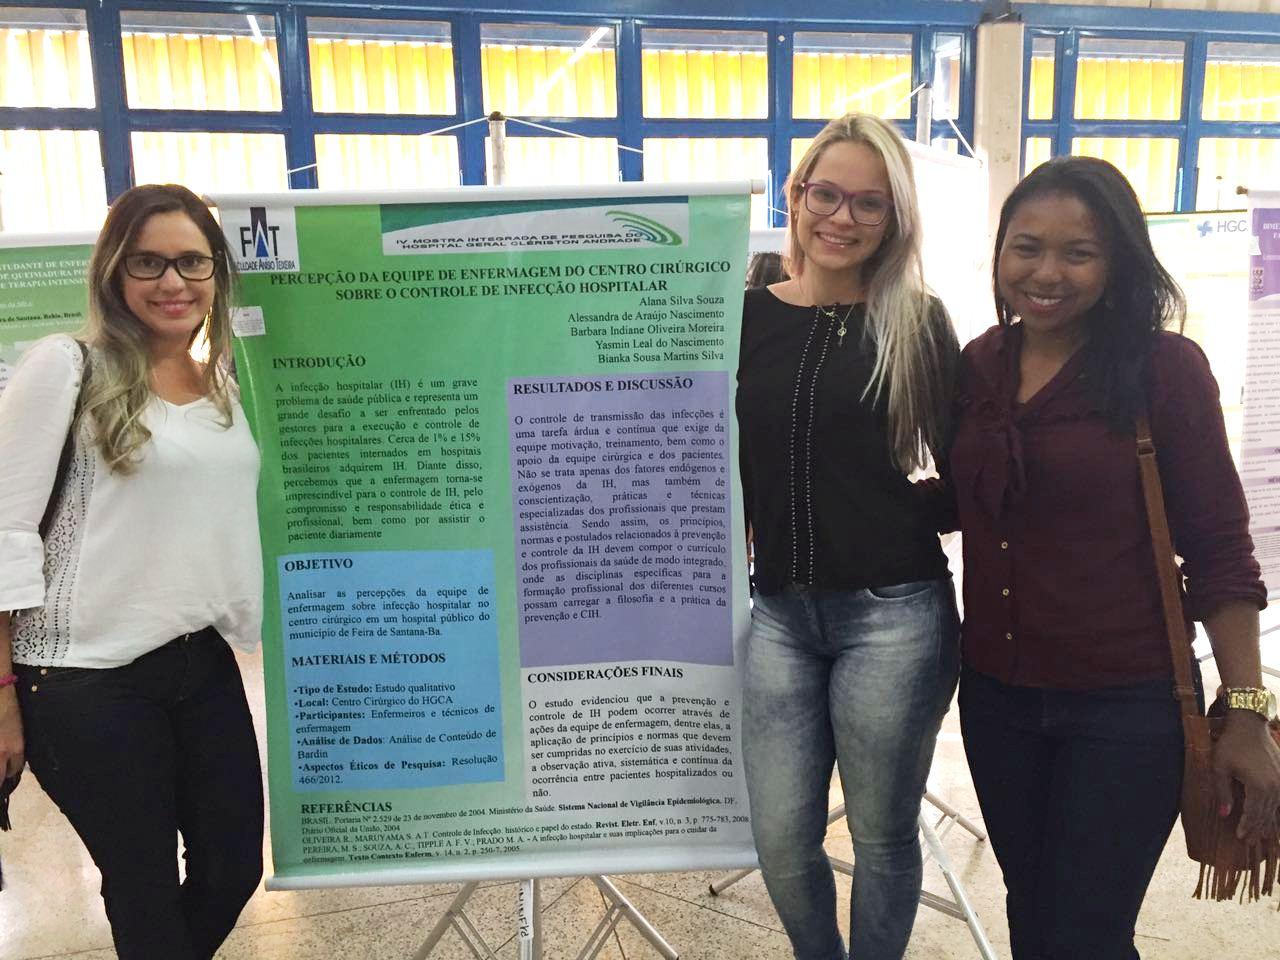 Estudantes-pesquisadoras do curso de Enfermagem da FAT